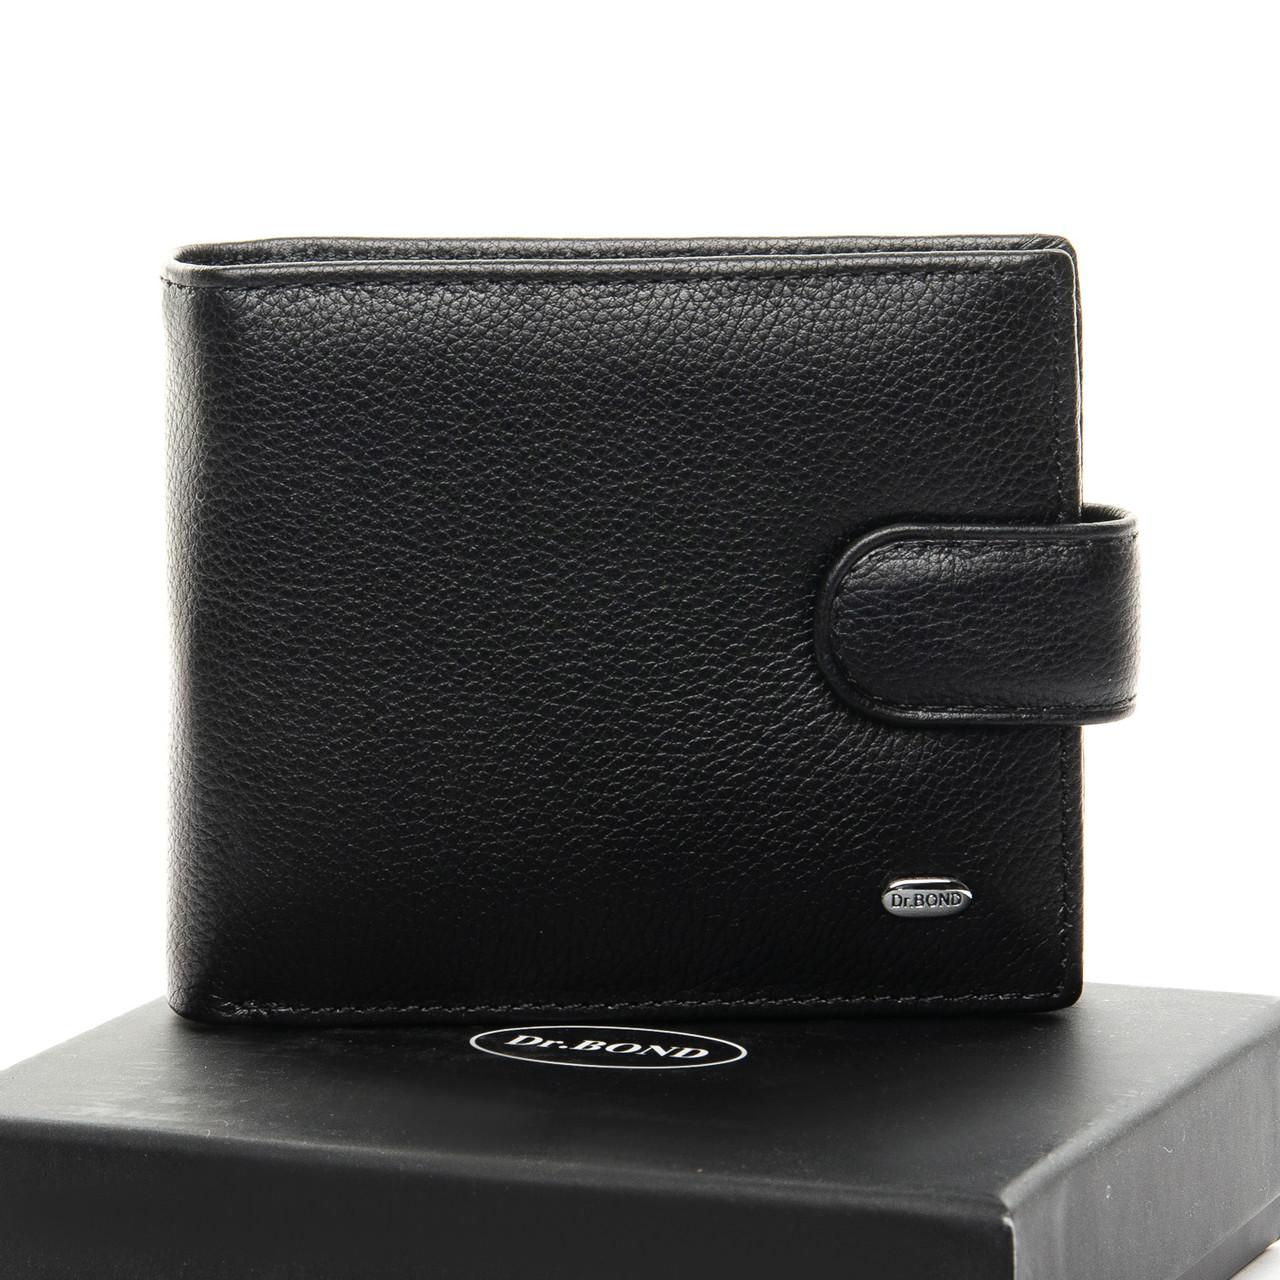 Мужской кошелек Classic кожа DR. BOND MS-28 черный